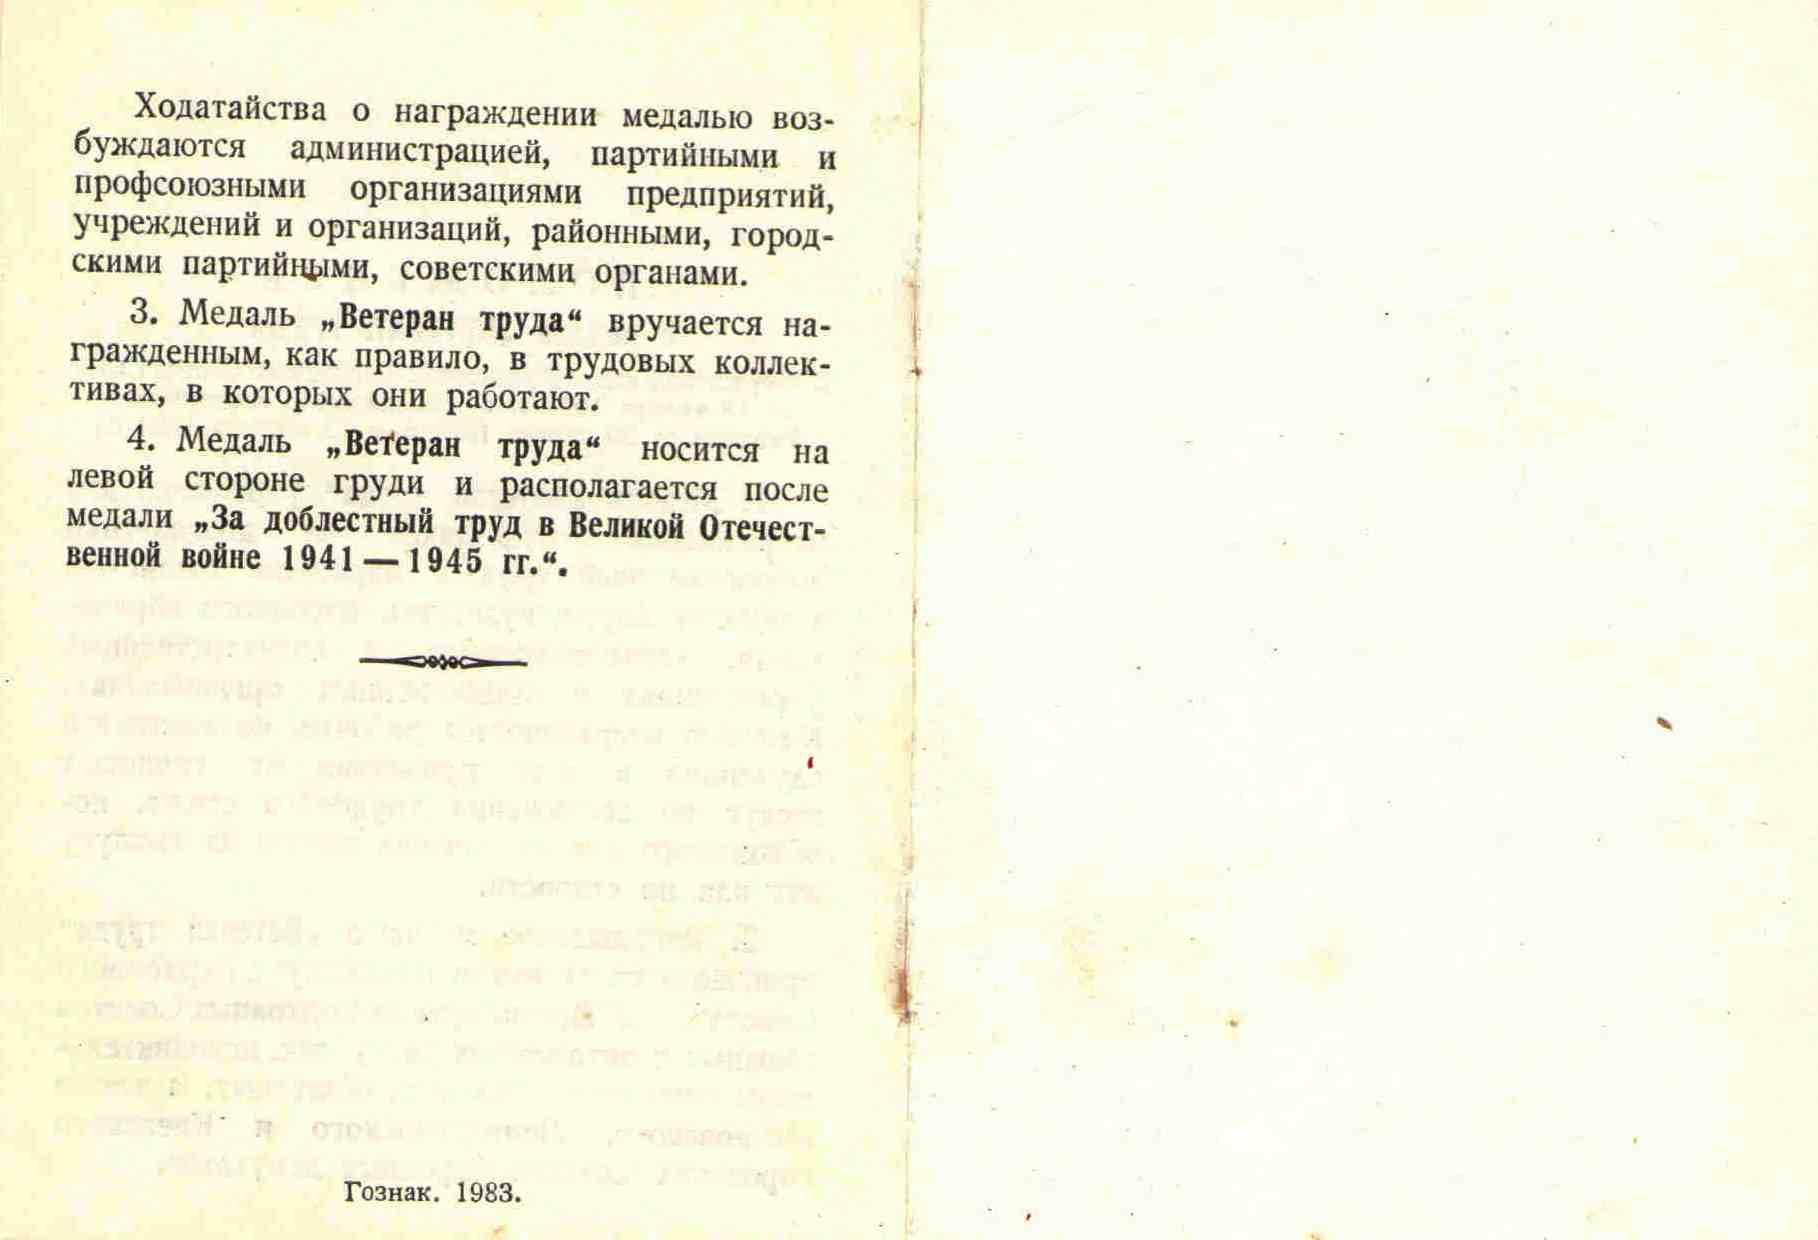 110. Удостоверение к медали Ветеран труда, Барыкин ПП, 1984